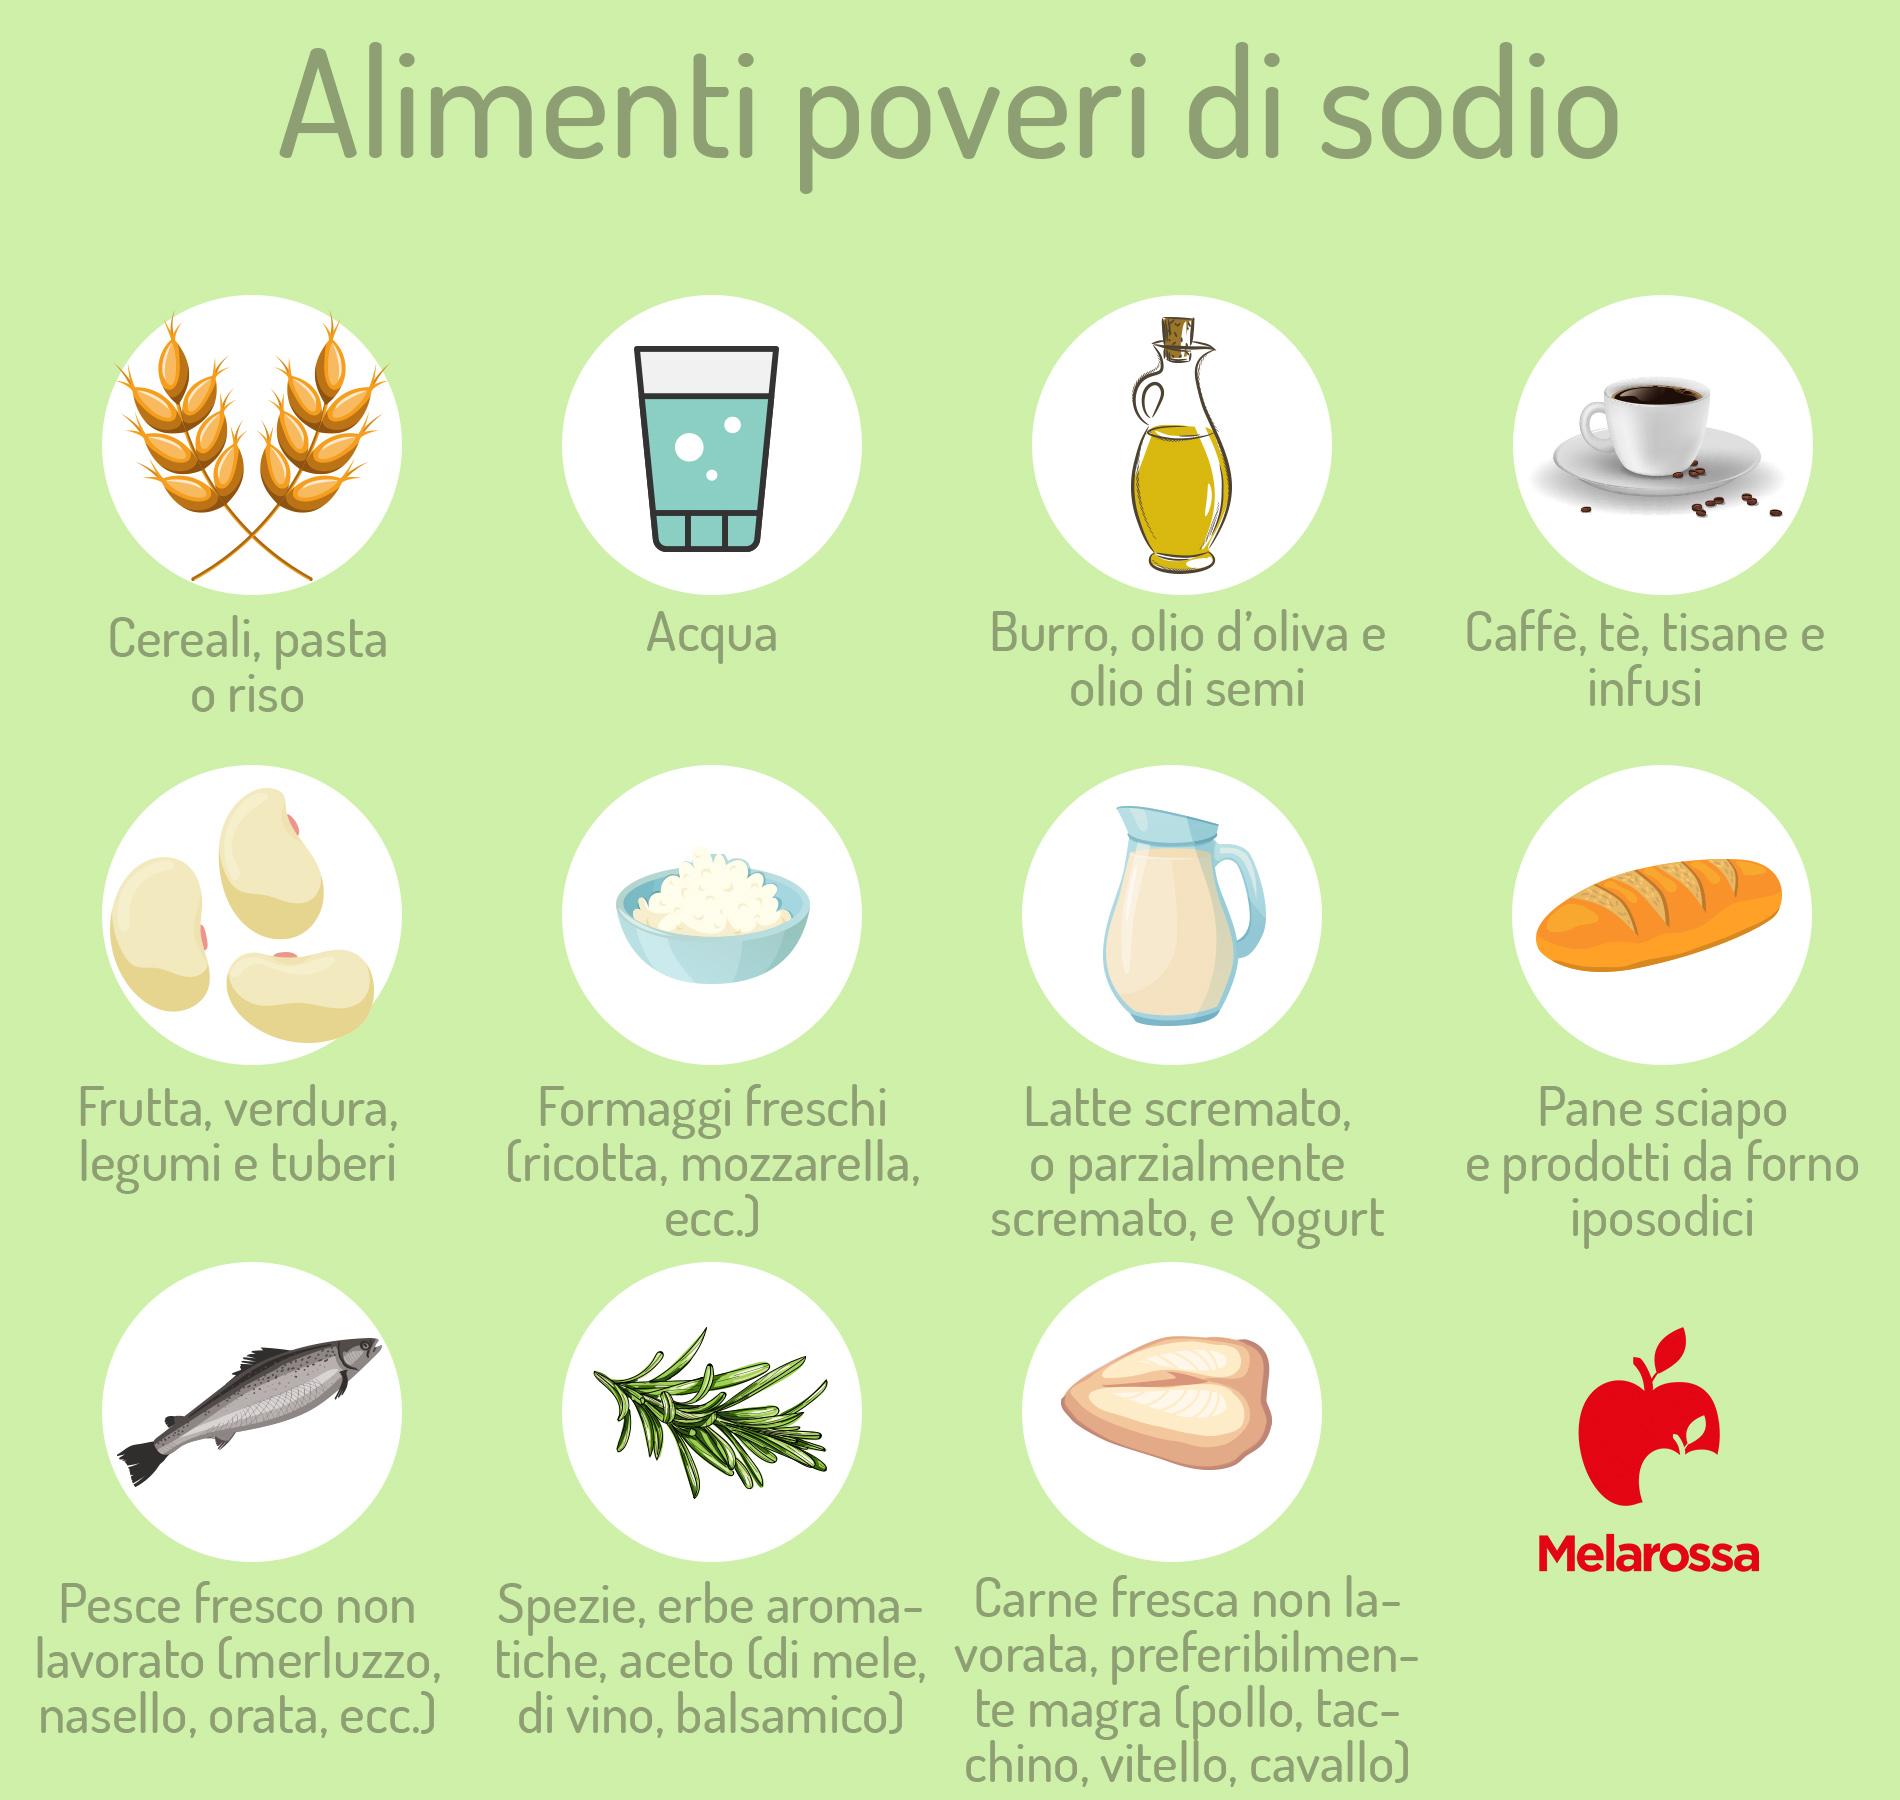 alimenti poveri di sodio